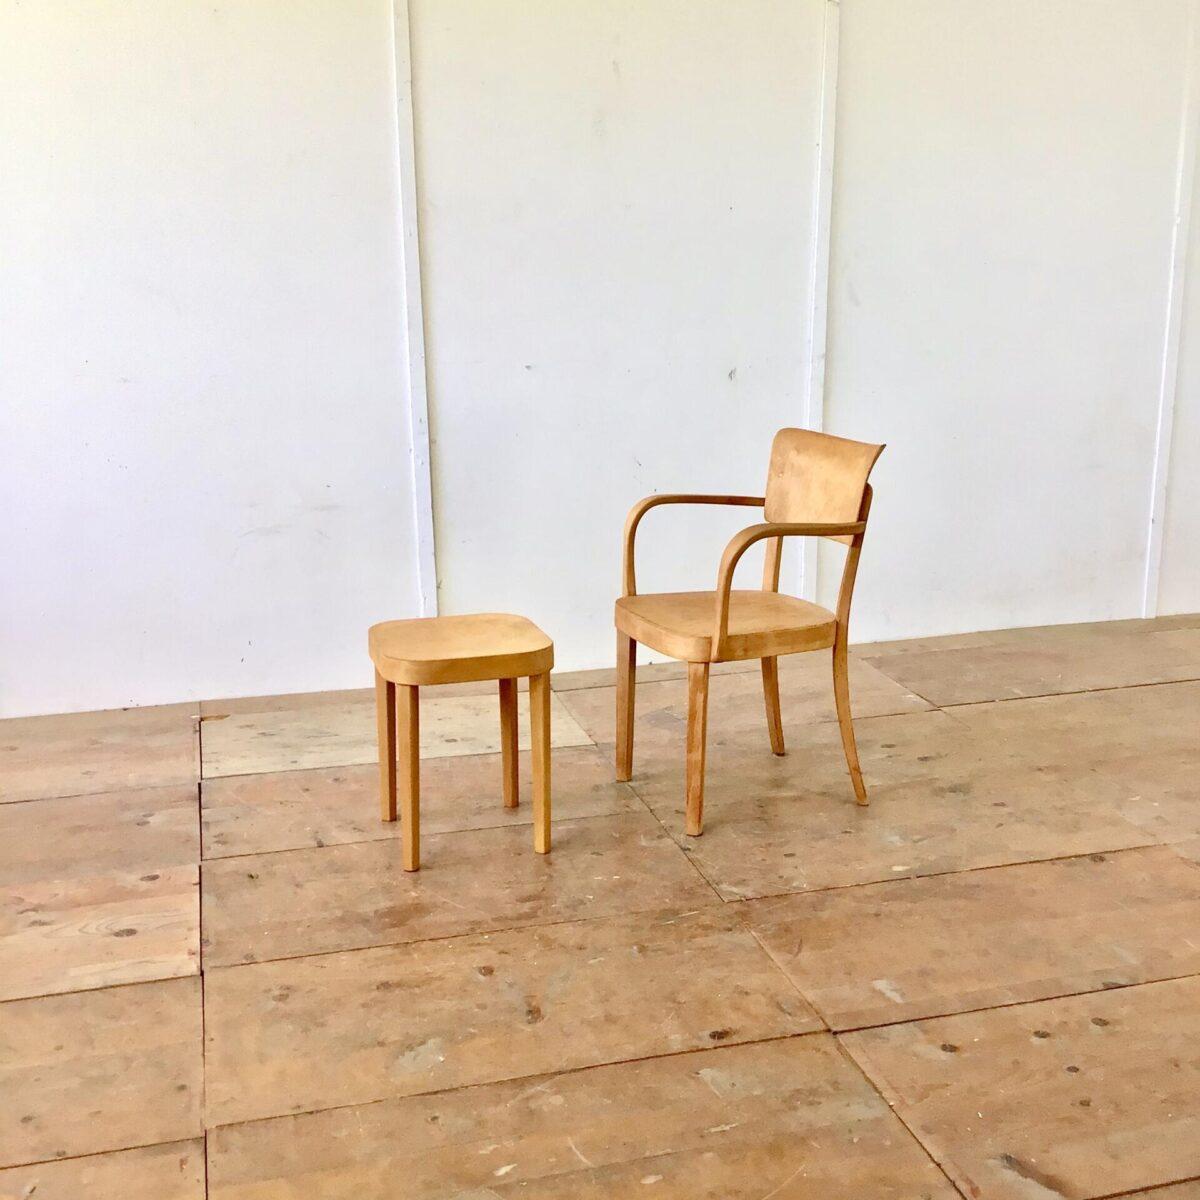 Zwei Armlehnstühle von horgenglarus. Stabiler Zustand Oberfläche geschliffen und geölt. Warme matte Alterspatina. Dieser Stuhl wird heute noch ohne Armlehnen produziert, unter dem Modell Safran. Natürlich nicht so breit wie diese zwei Sessel.